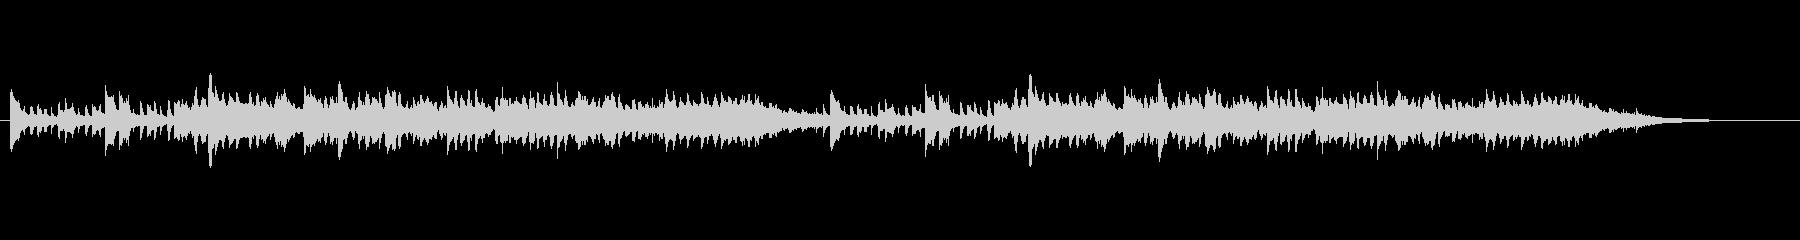 陽気なアコースティック音楽の未再生の波形